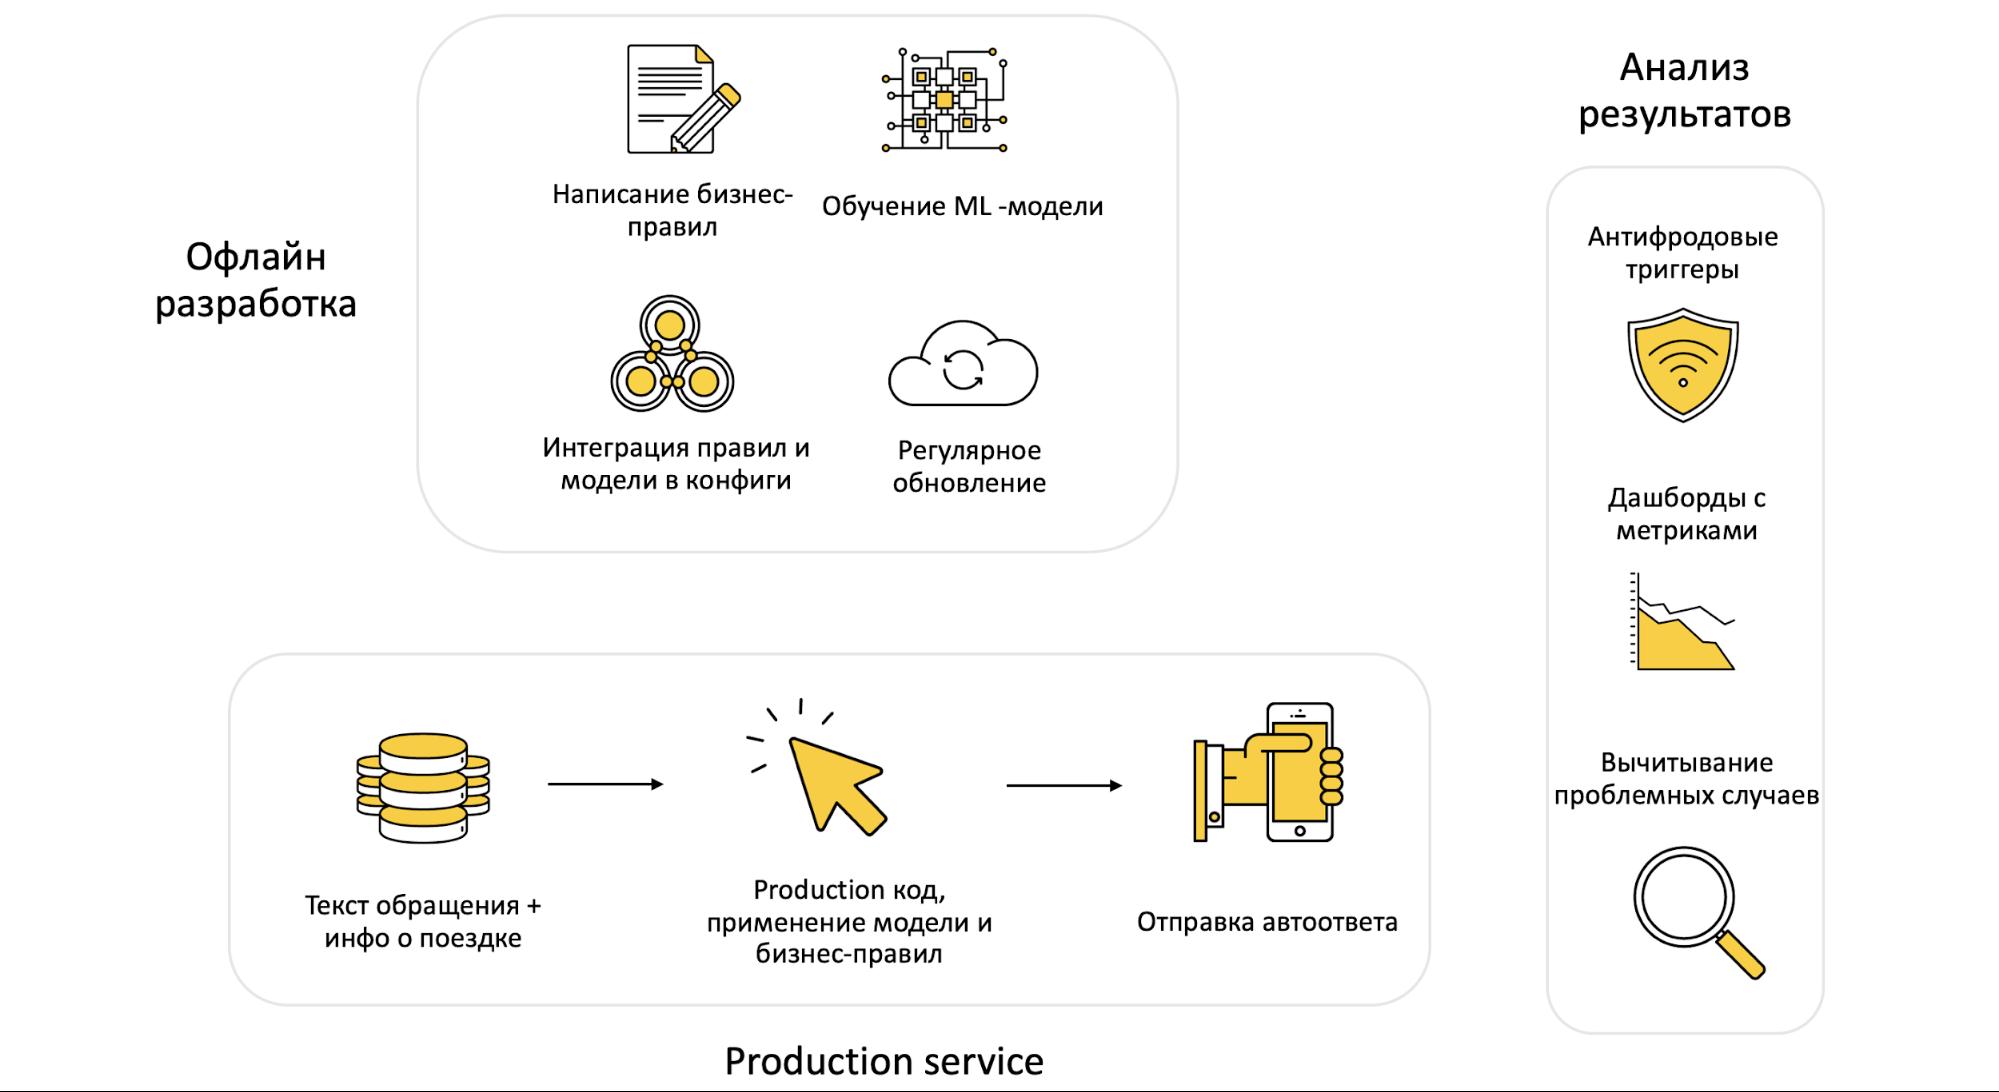 Как мы учили искусственный интеллект отвечать на вопросы в поддержку. Опыт Яндекс.Такси - 6